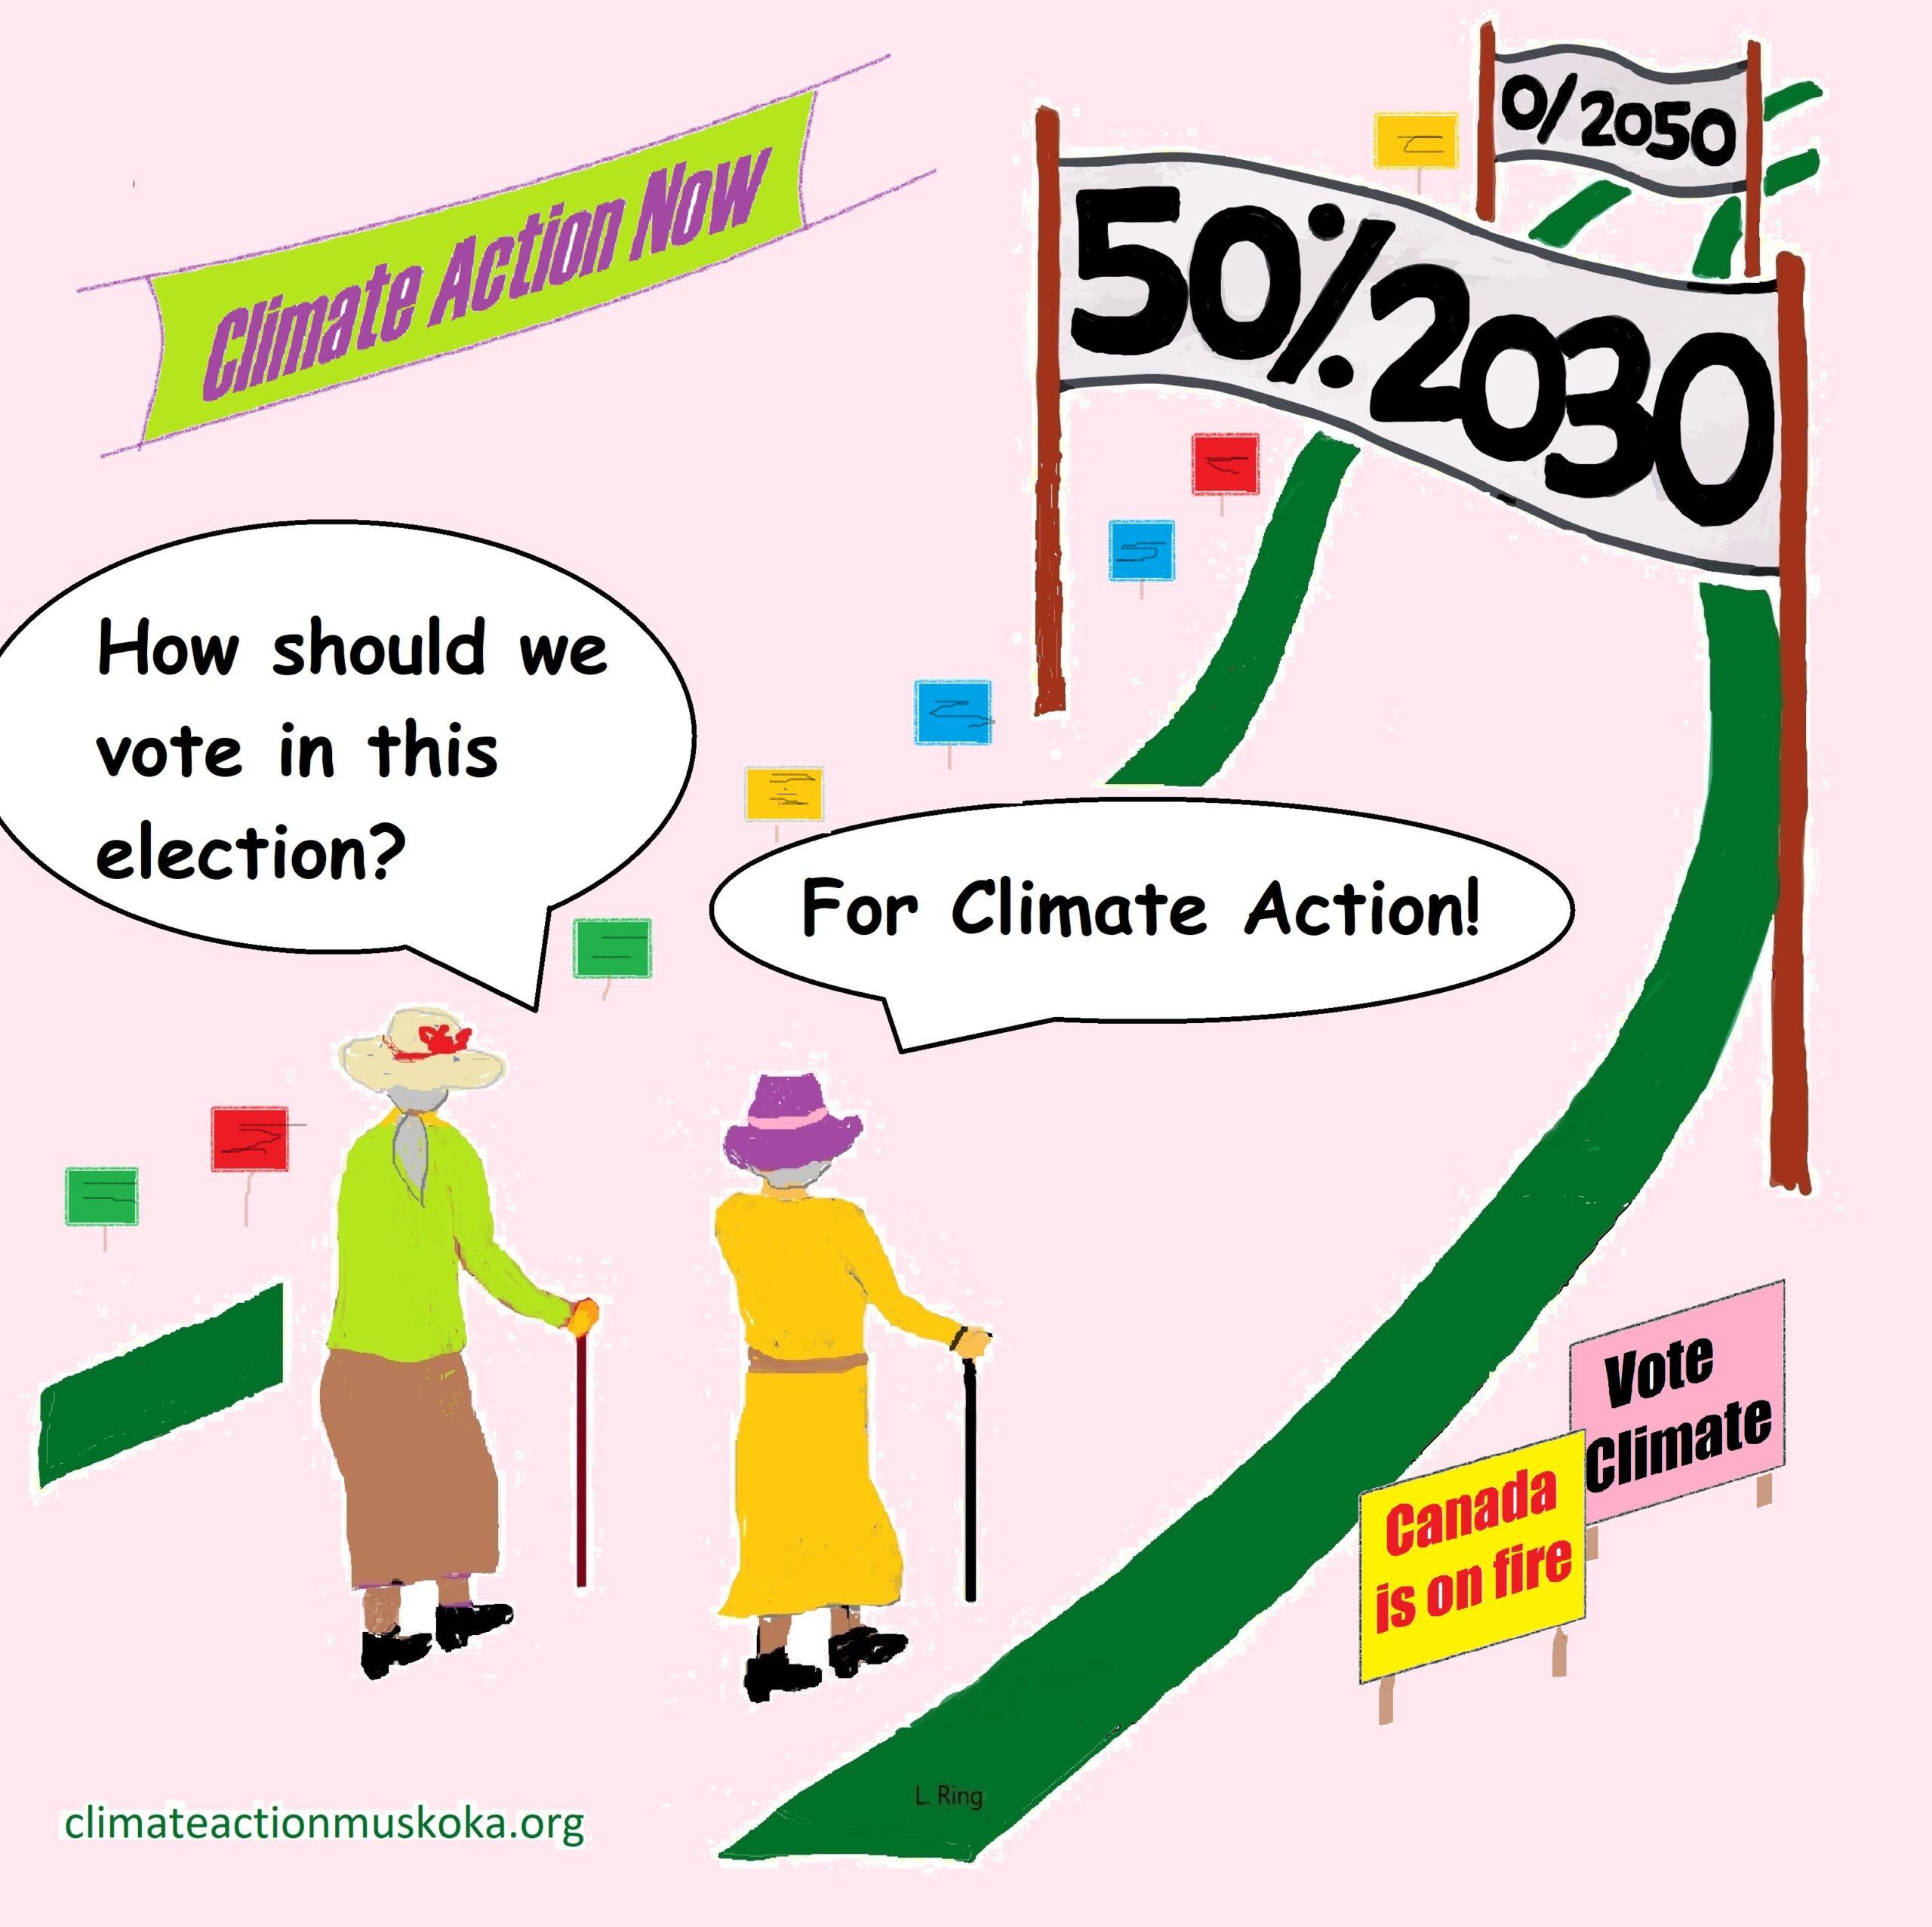 Vote climate